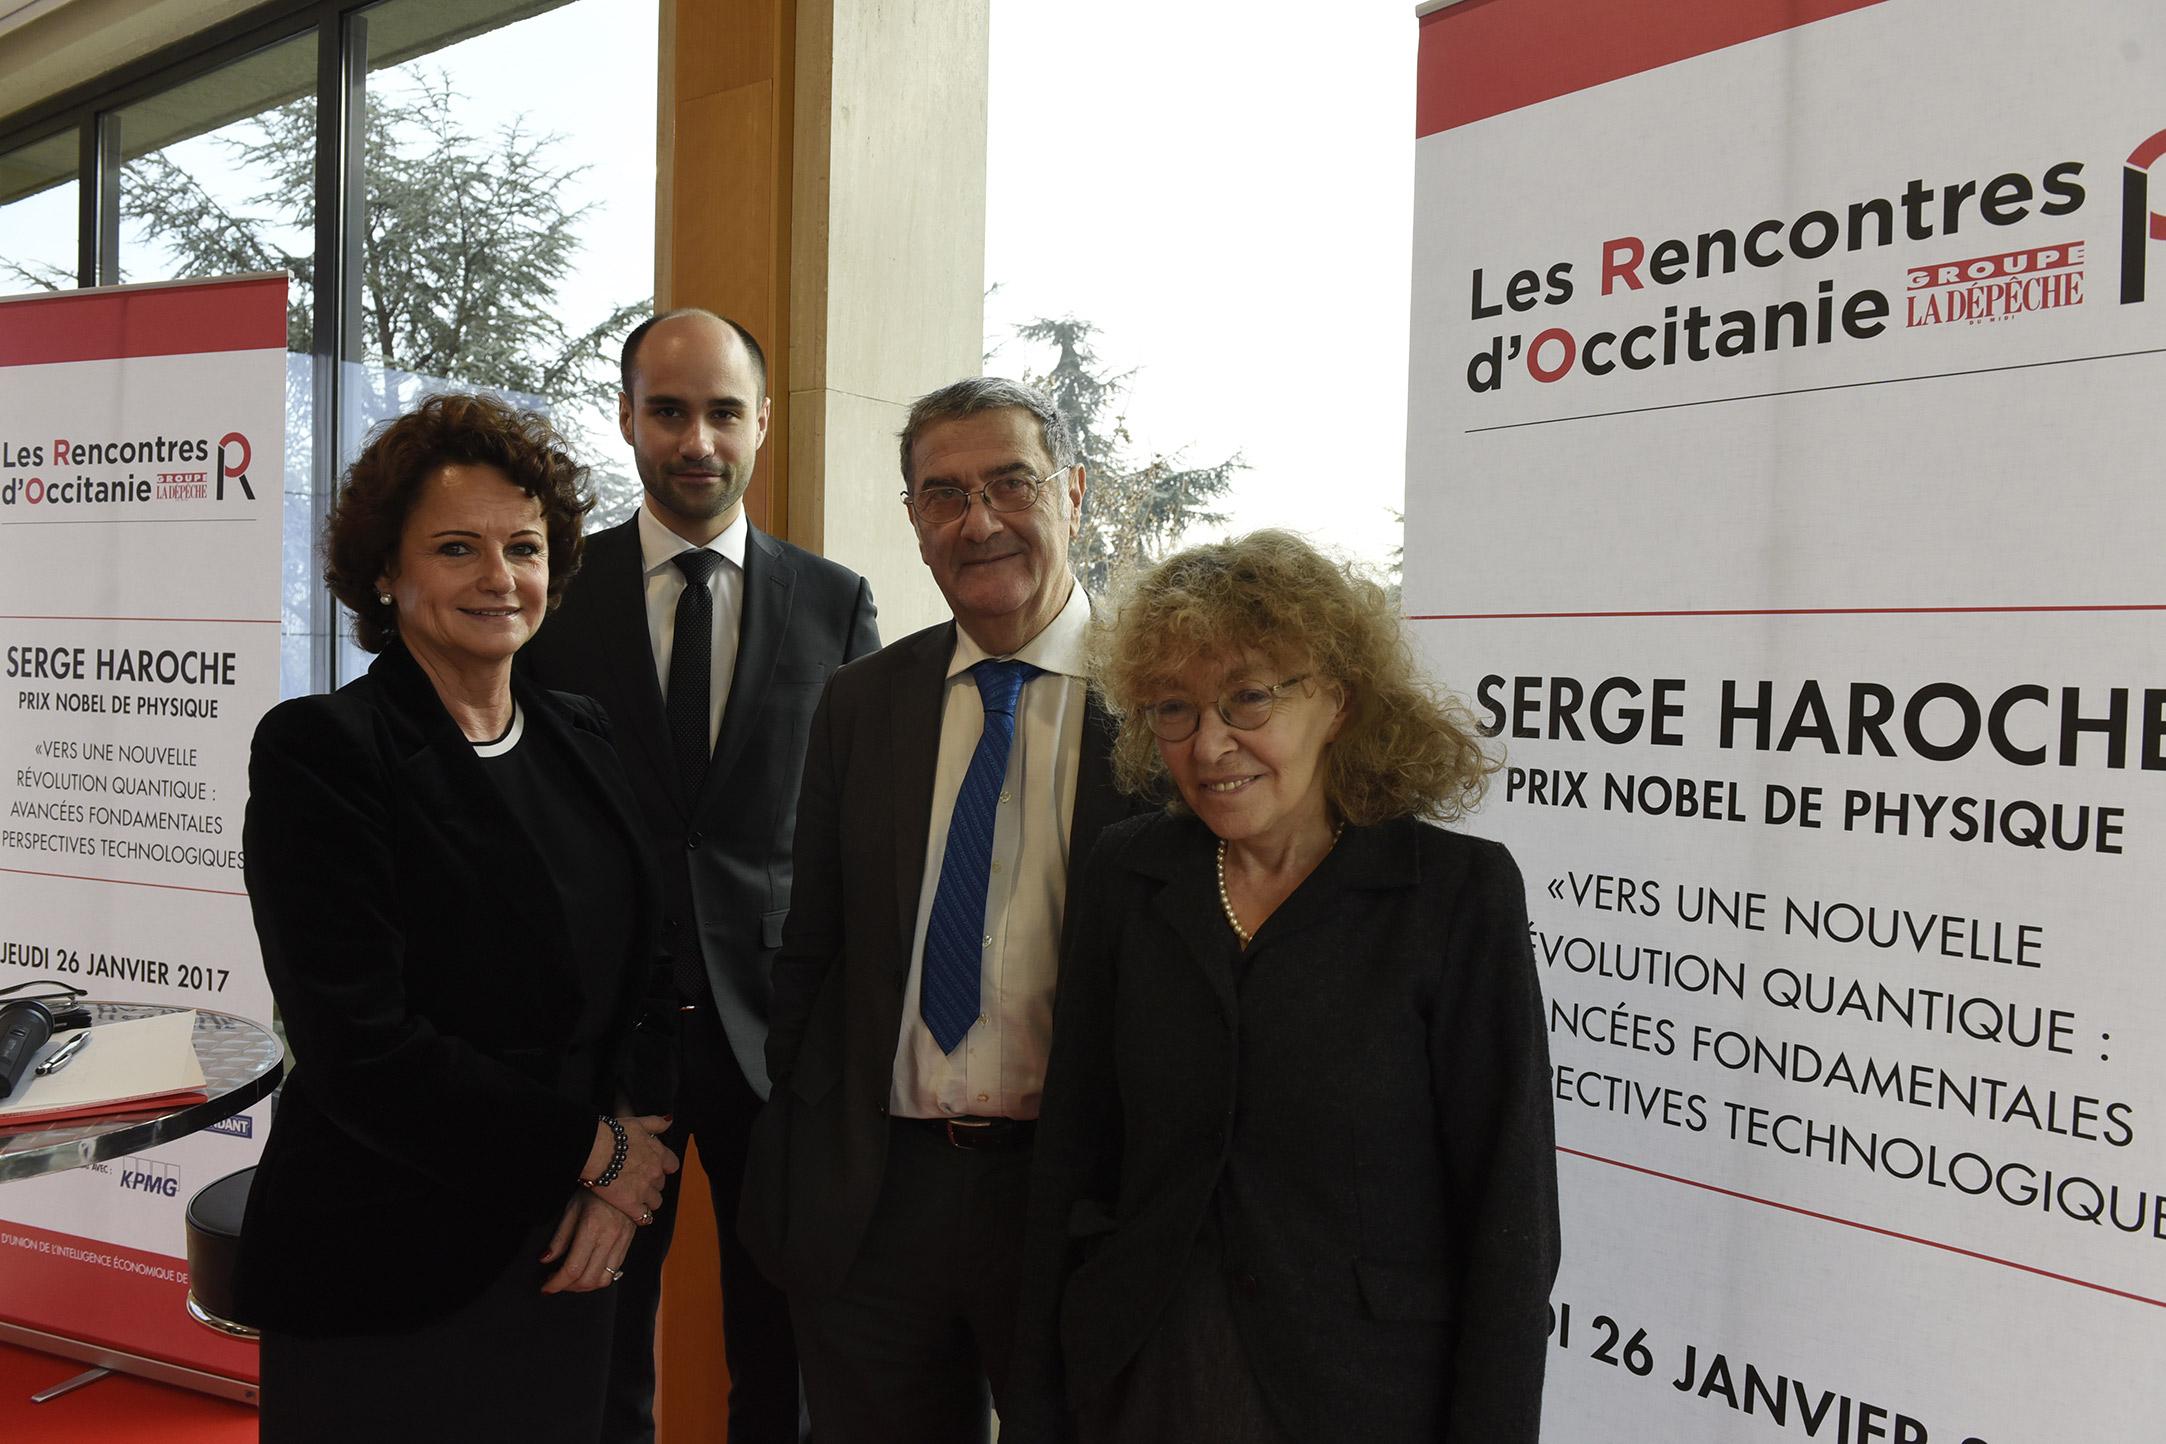 Serge HAROCHE et son épouse accueillis par Marie-France MARCHAND-BAYLET et Jean-Benoit BAYLET